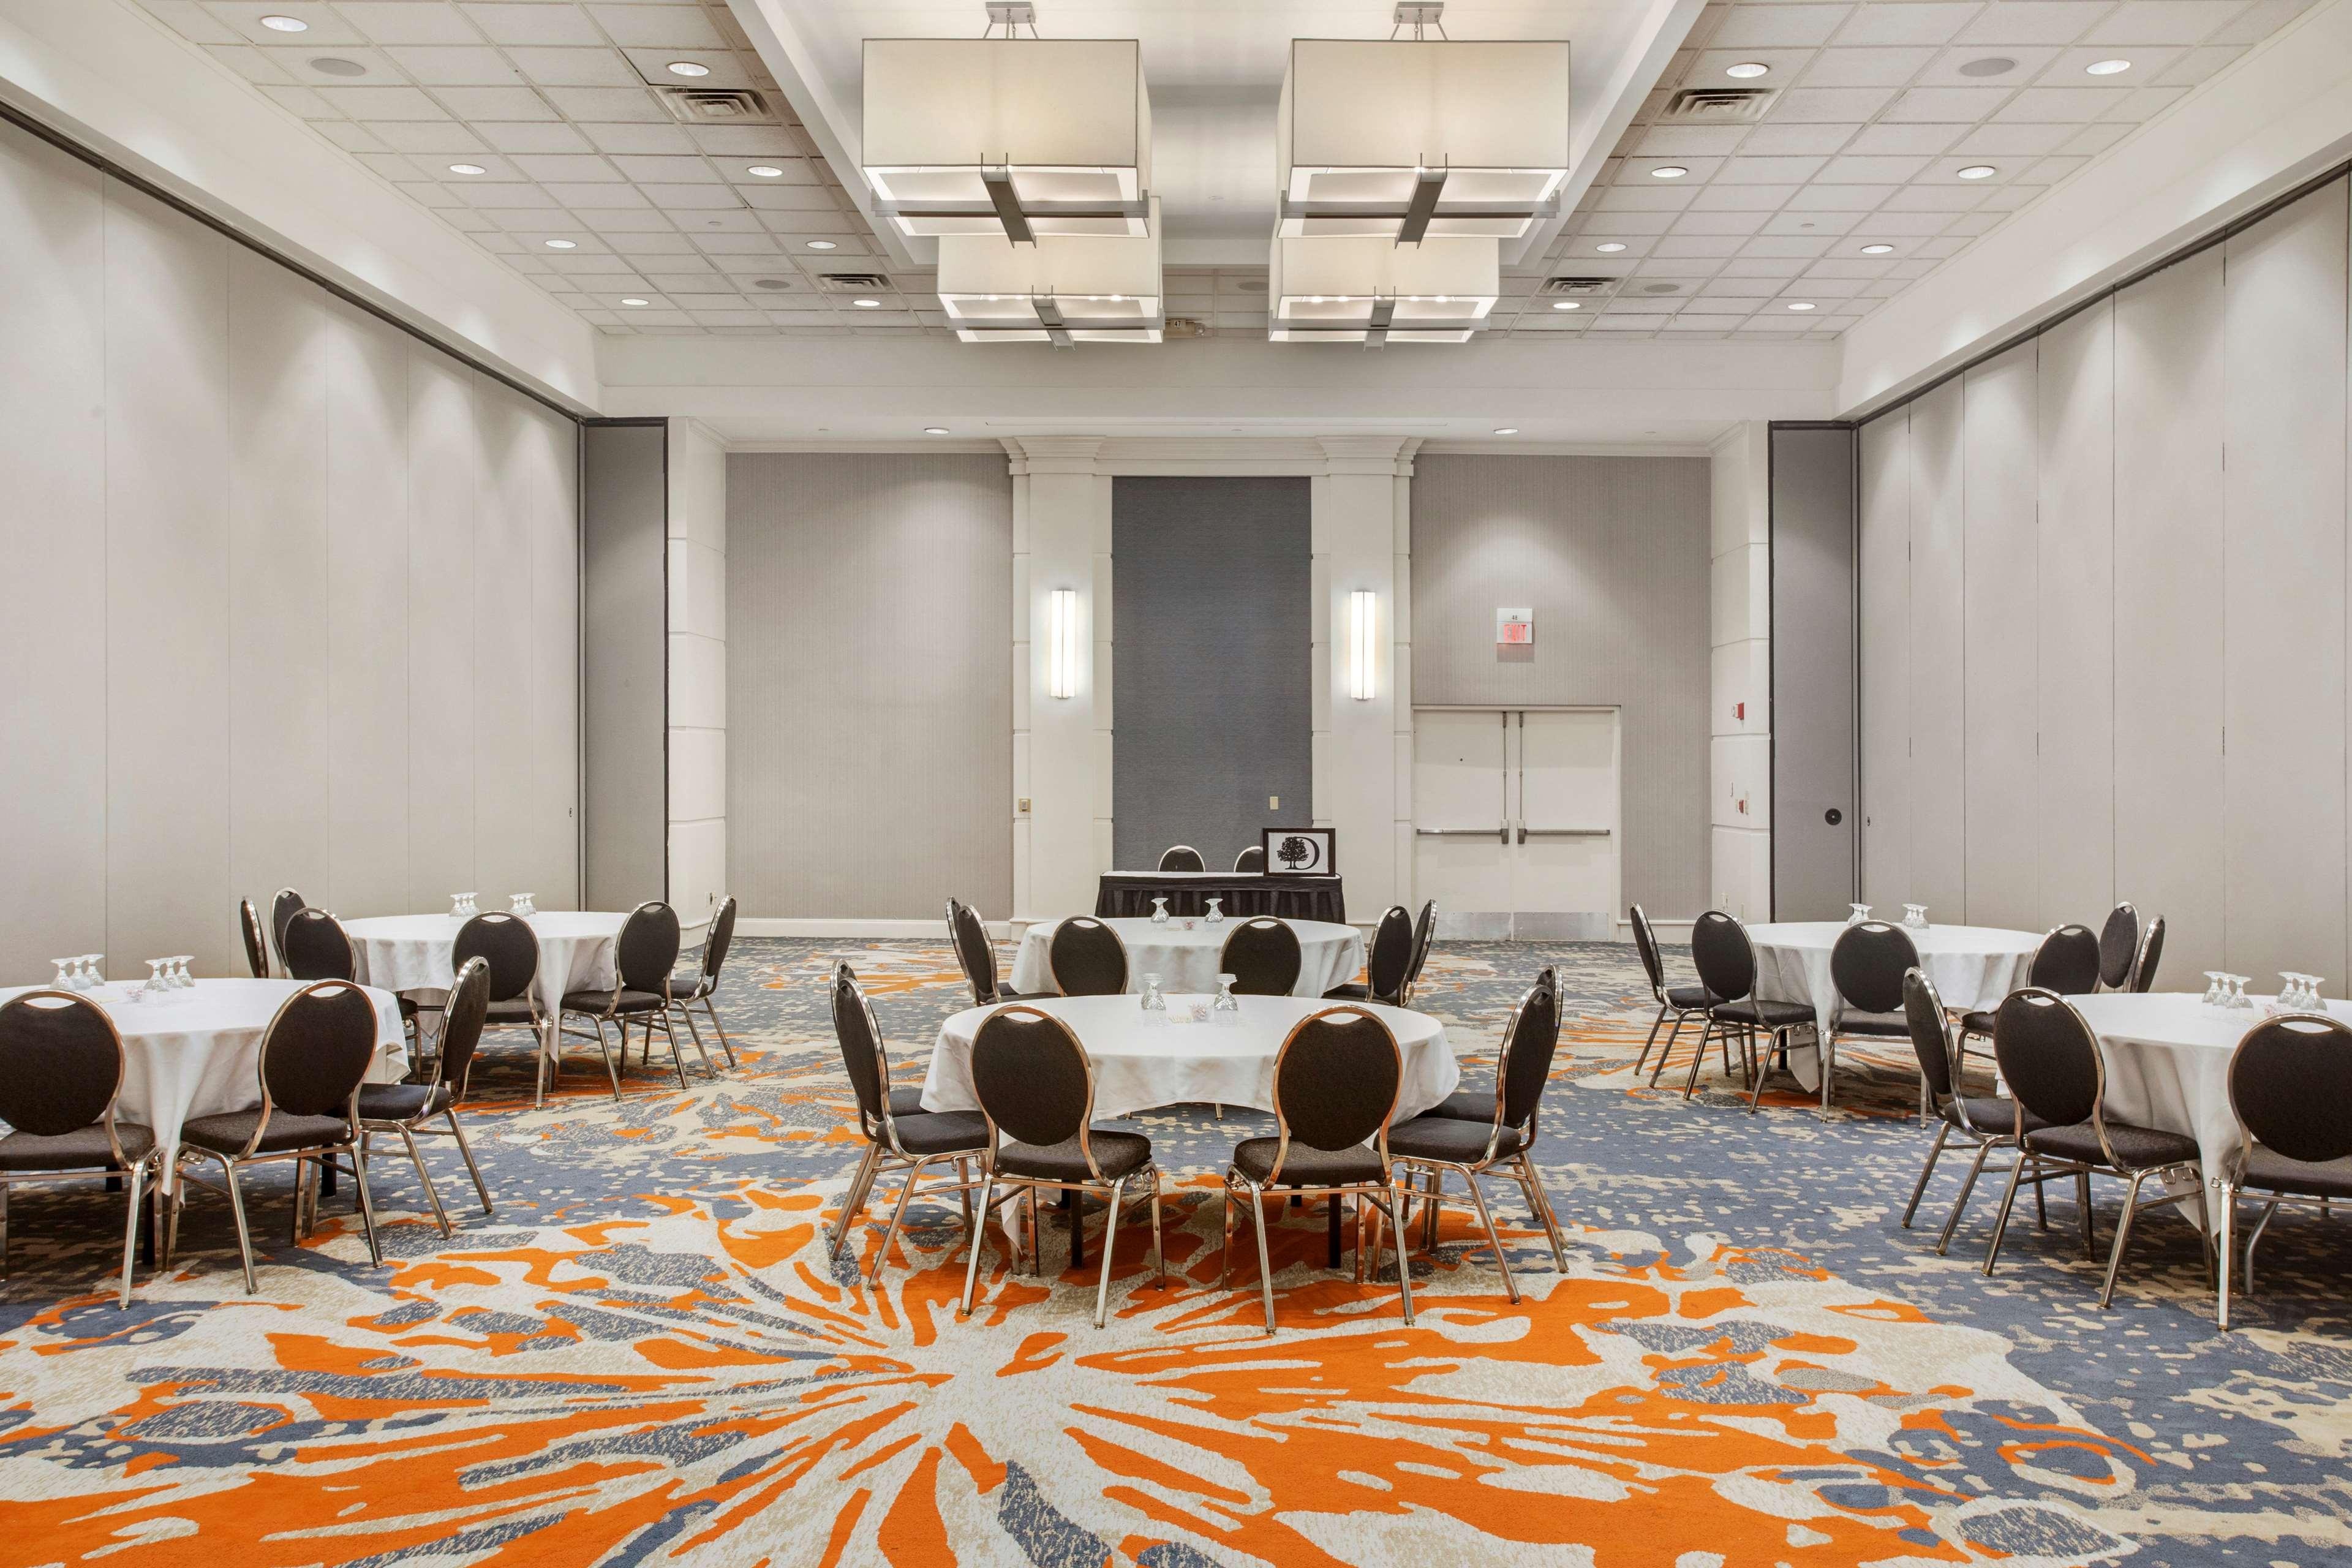 DoubleTree by Hilton Hotel Little Rock image 41